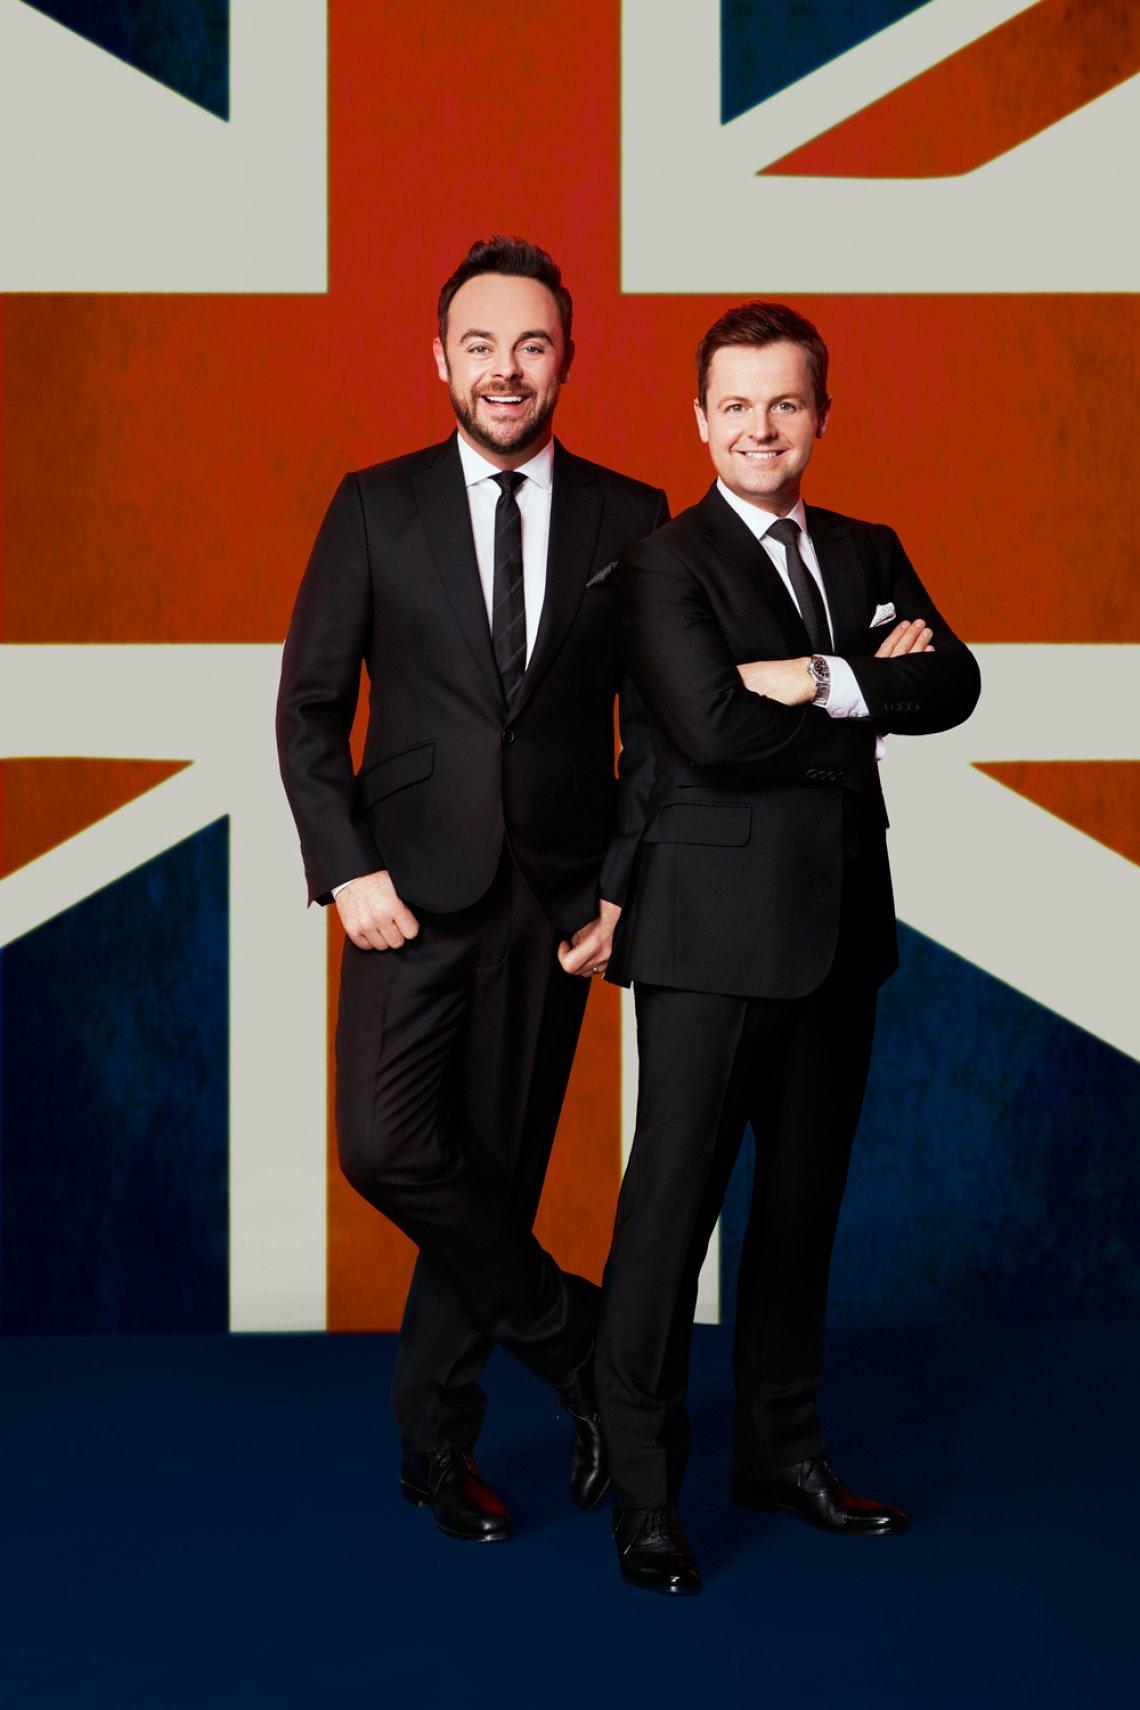 All new Britain's Got Talent